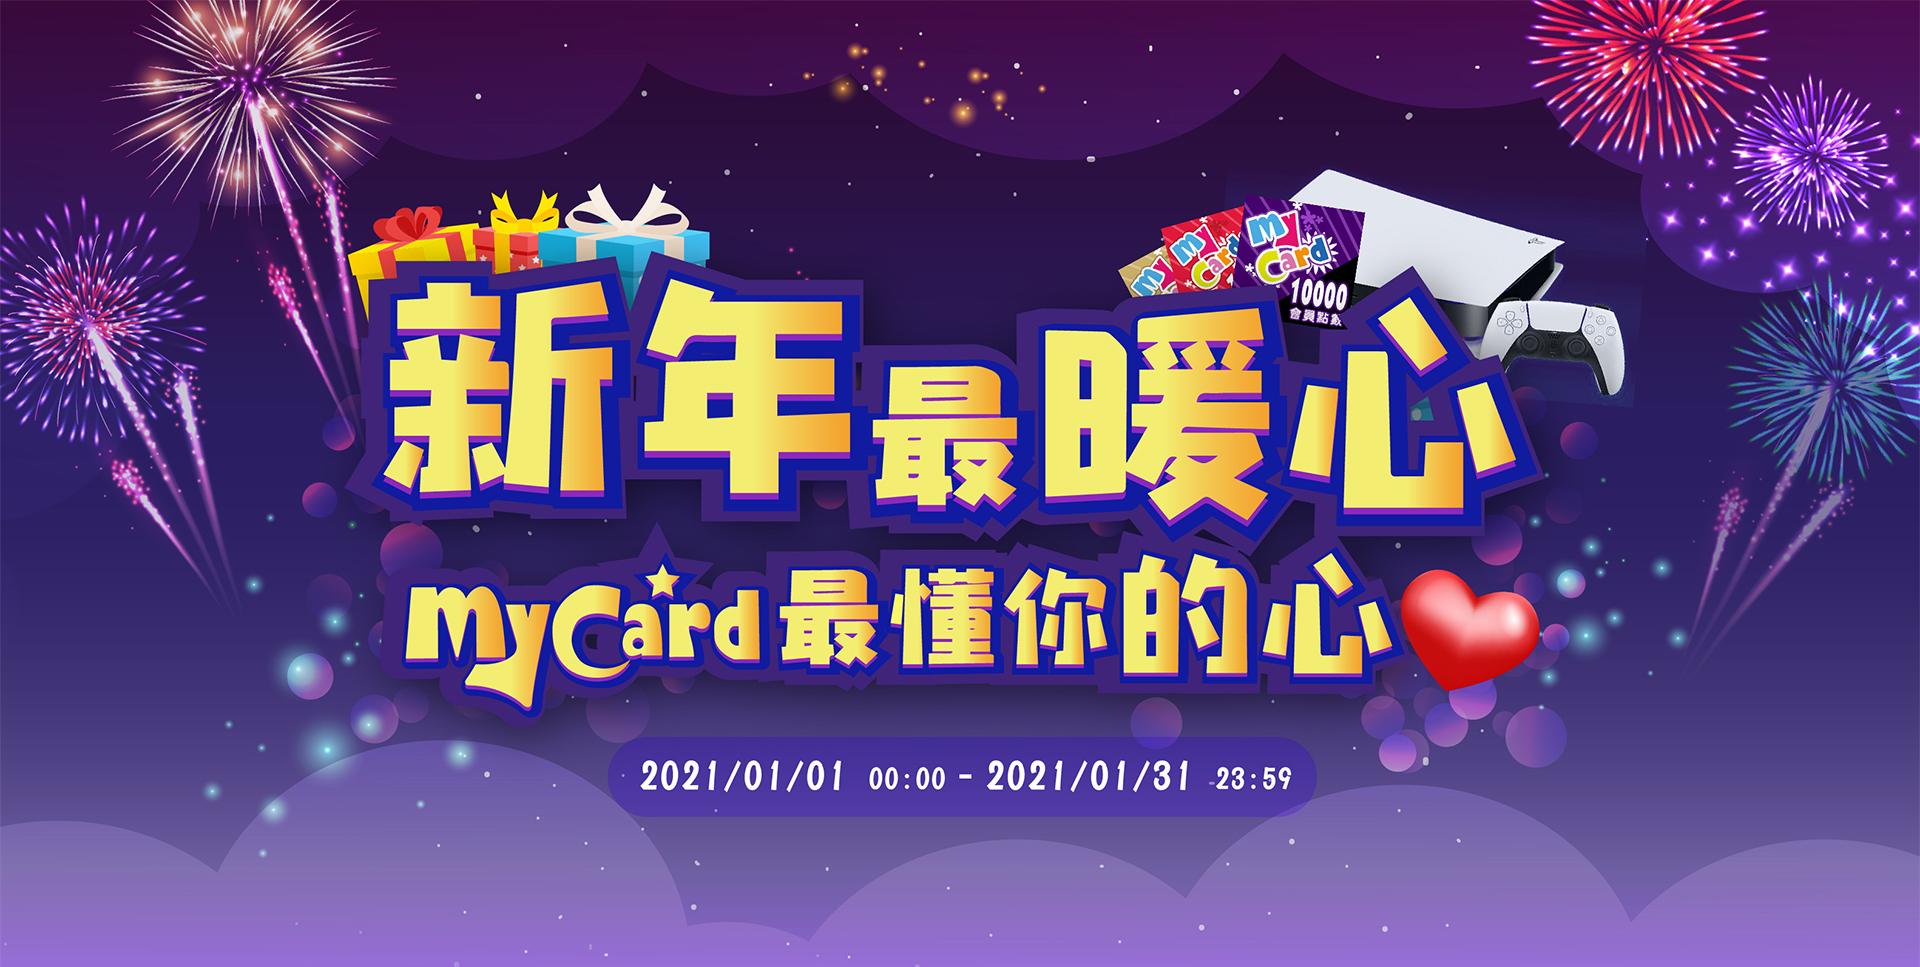 新年最暖心!MyCard最懂你的心! | momo